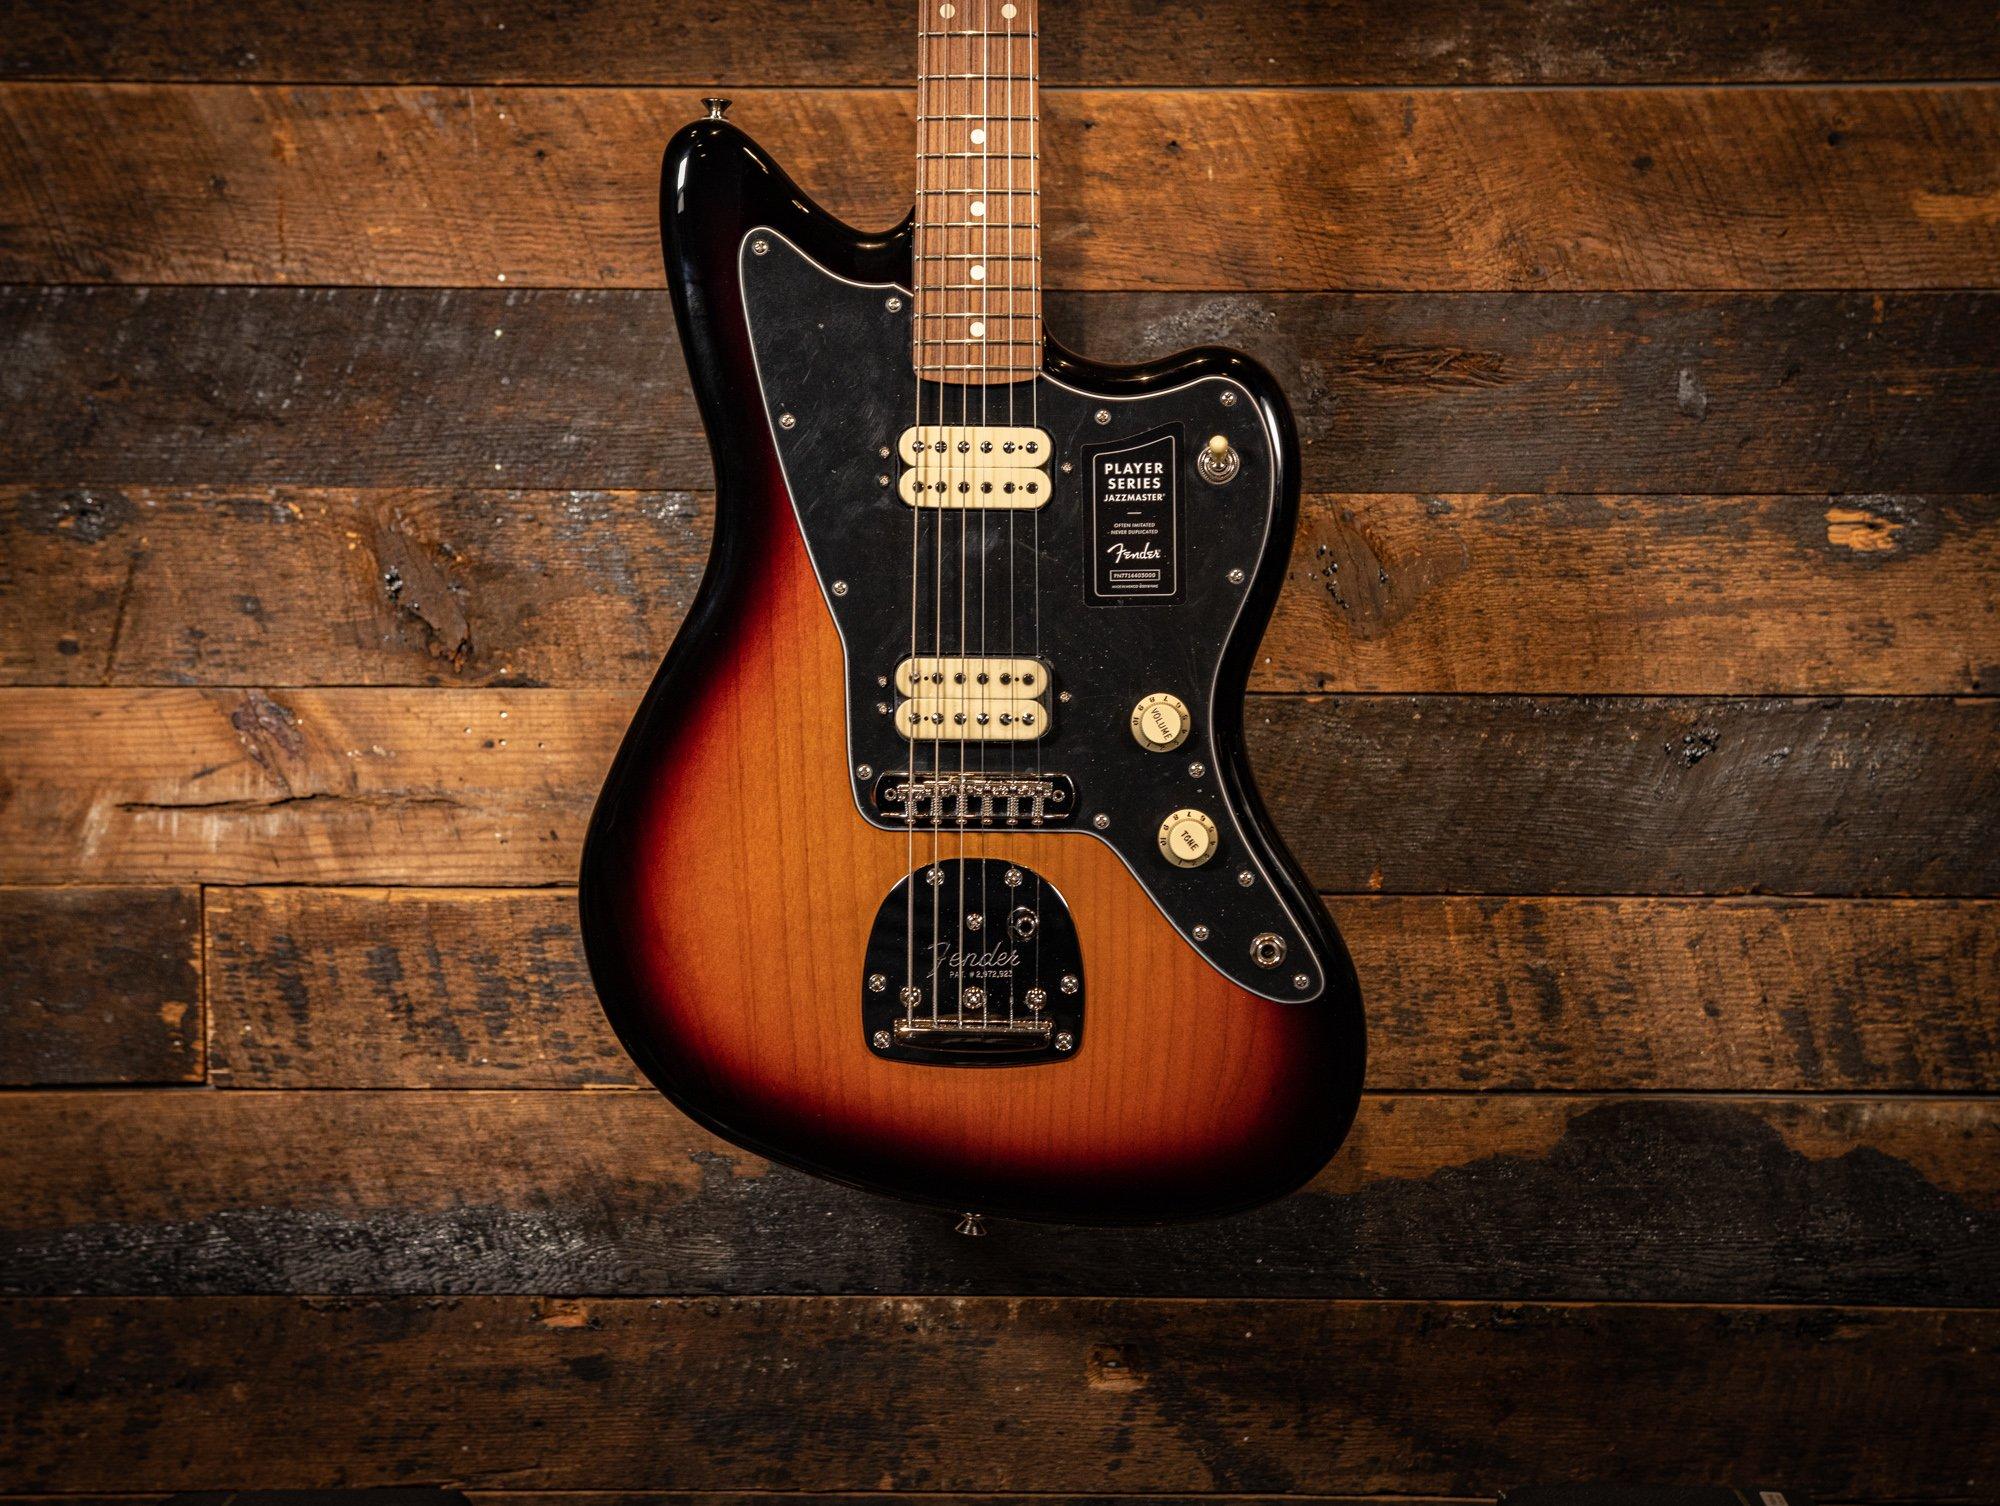 Fender Player Series Jazzmaster in 3-tone sunburst